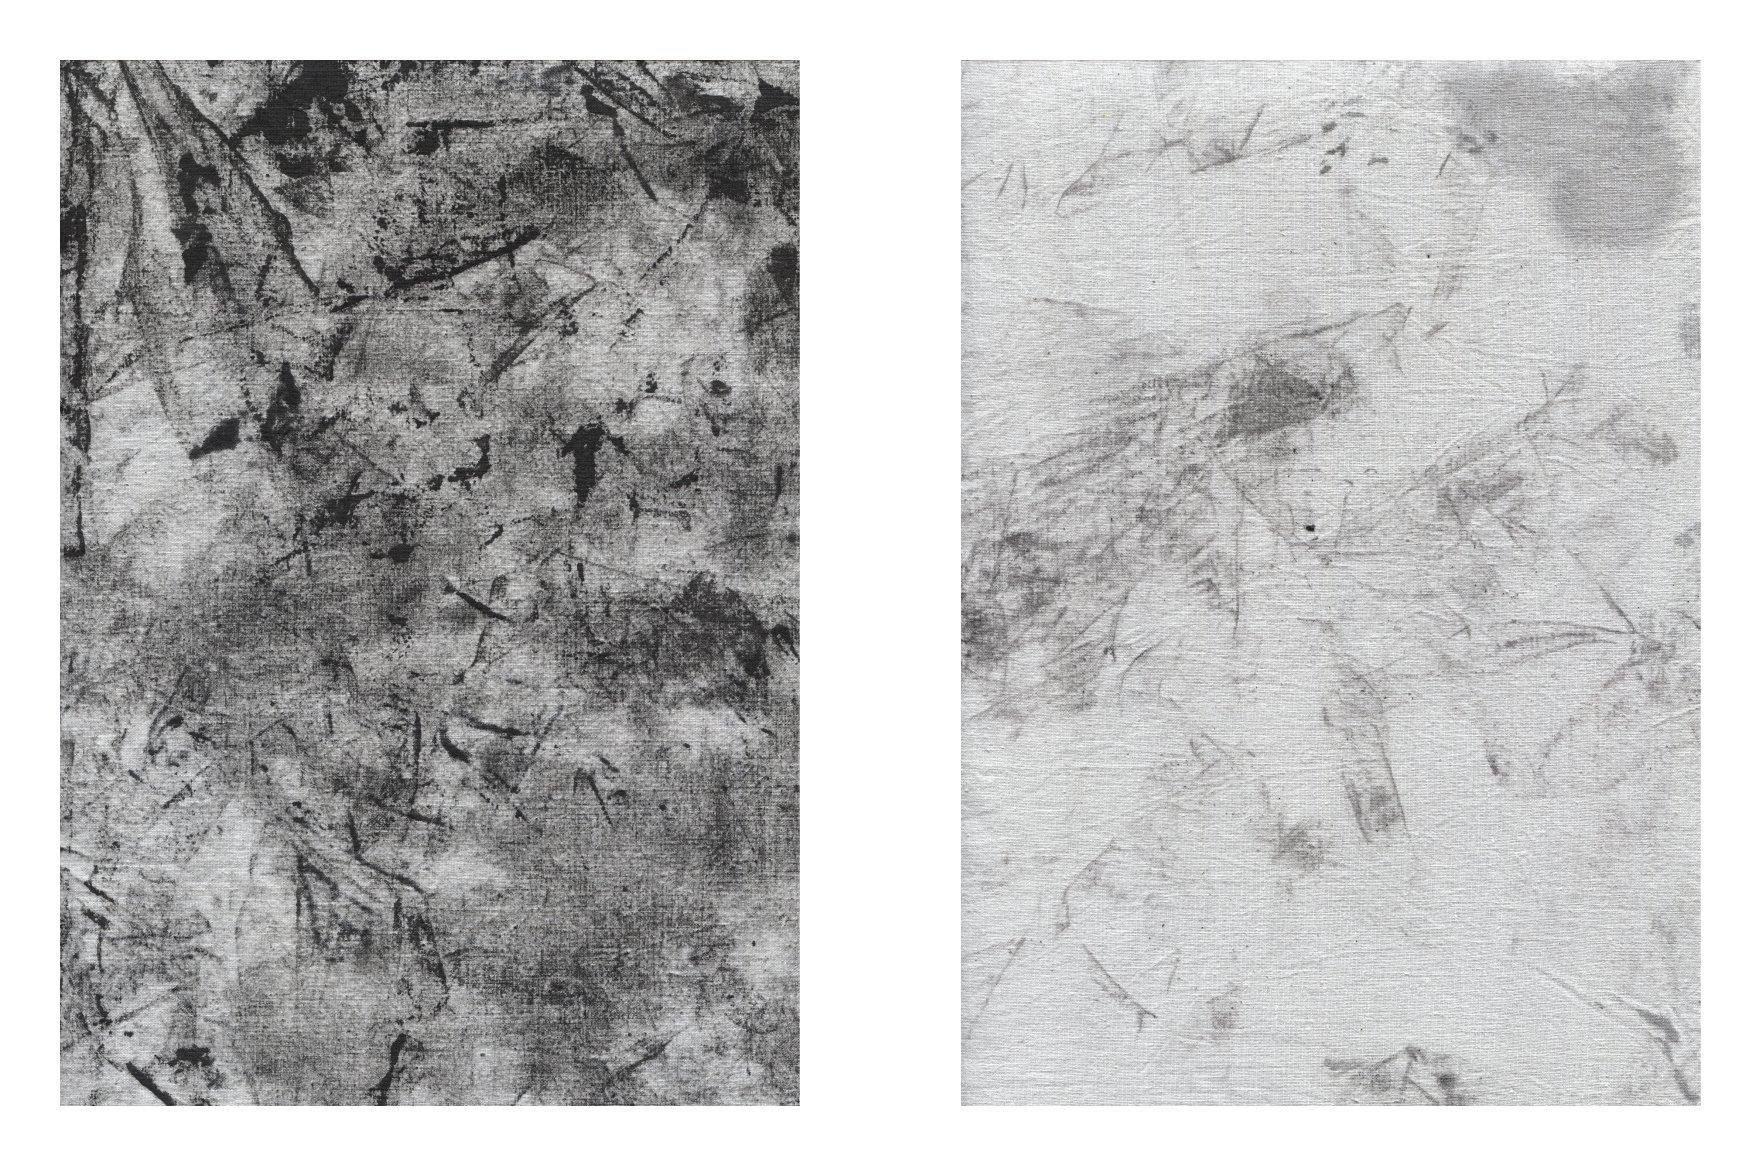 156款复古做旧折痕磨损褶皱纸张背景纹理素材合集 The Grunge Texture Bundle Vol. 1插图(21)